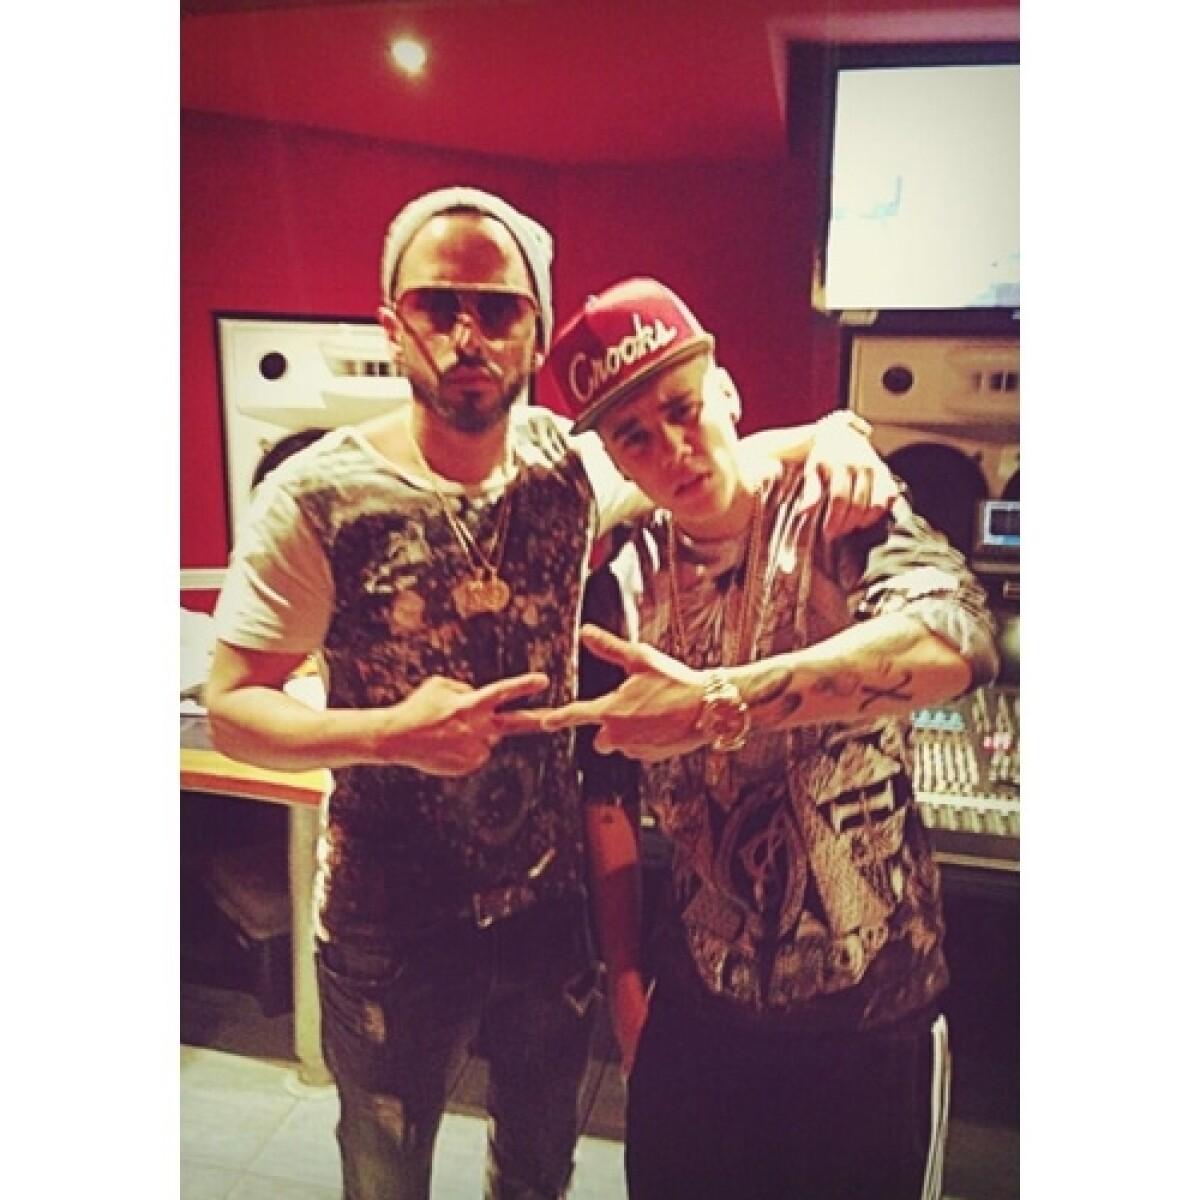 Yandel y Justin Bieber, juntos en el estudio, ¿Por...?